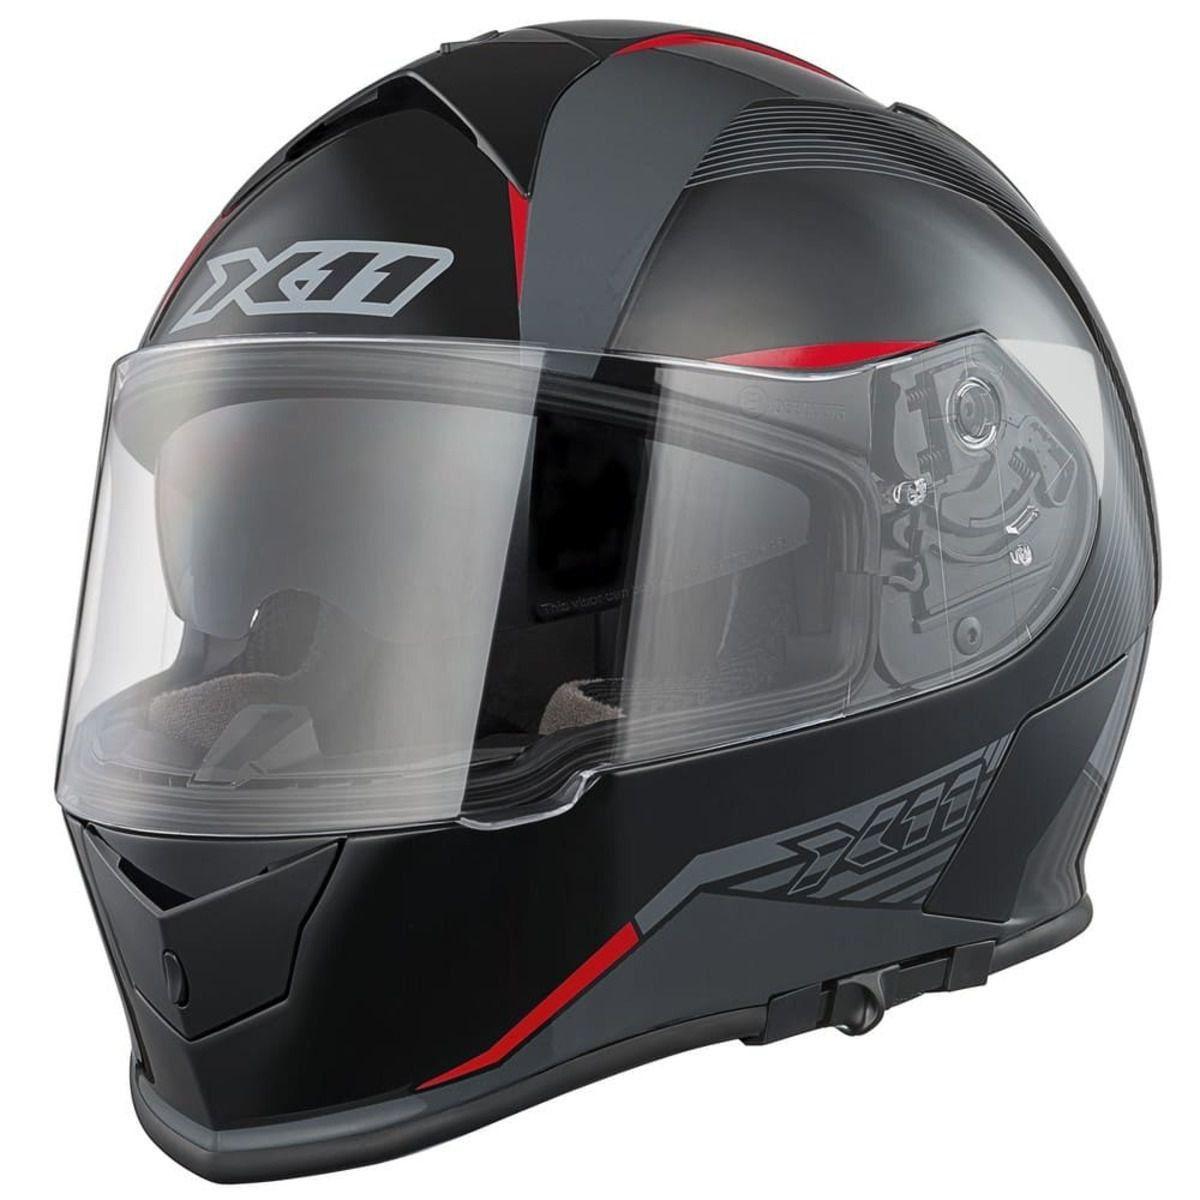 Capacete X11 Revo Fechado Com Óculos Solar Interno Motoqueiro Motociclista